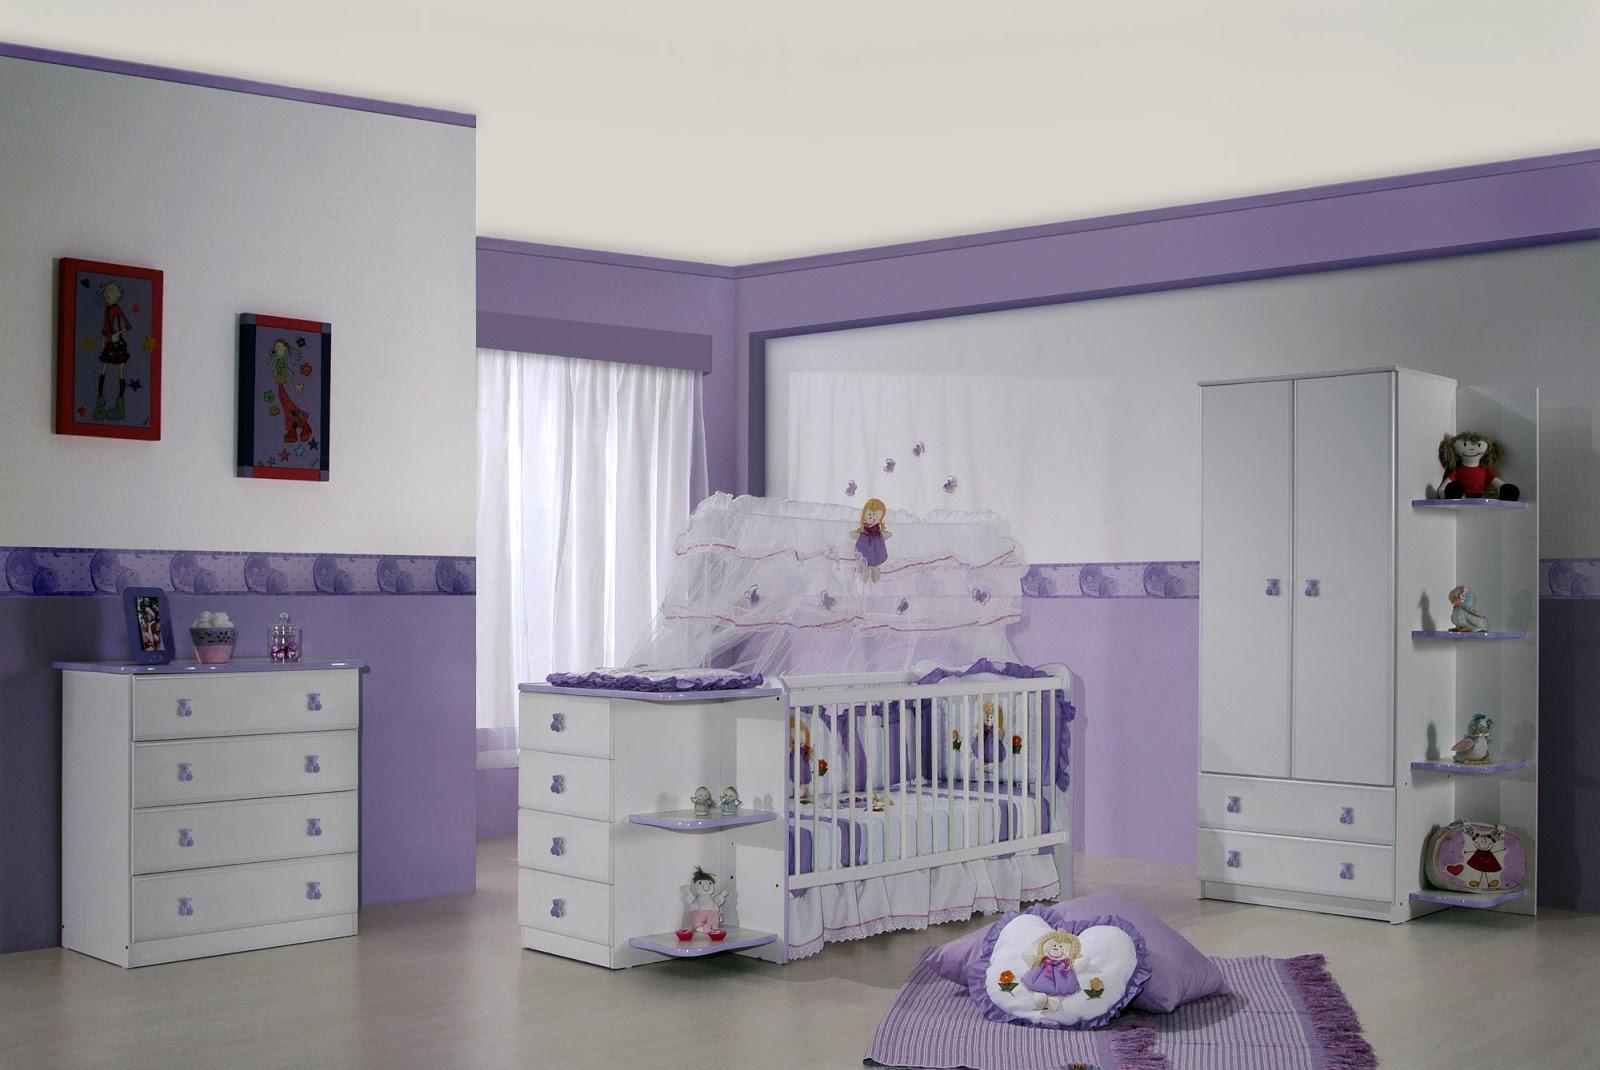 Copiando e Decorando.: Quarto de bebê MENINA #494063 1600 1070